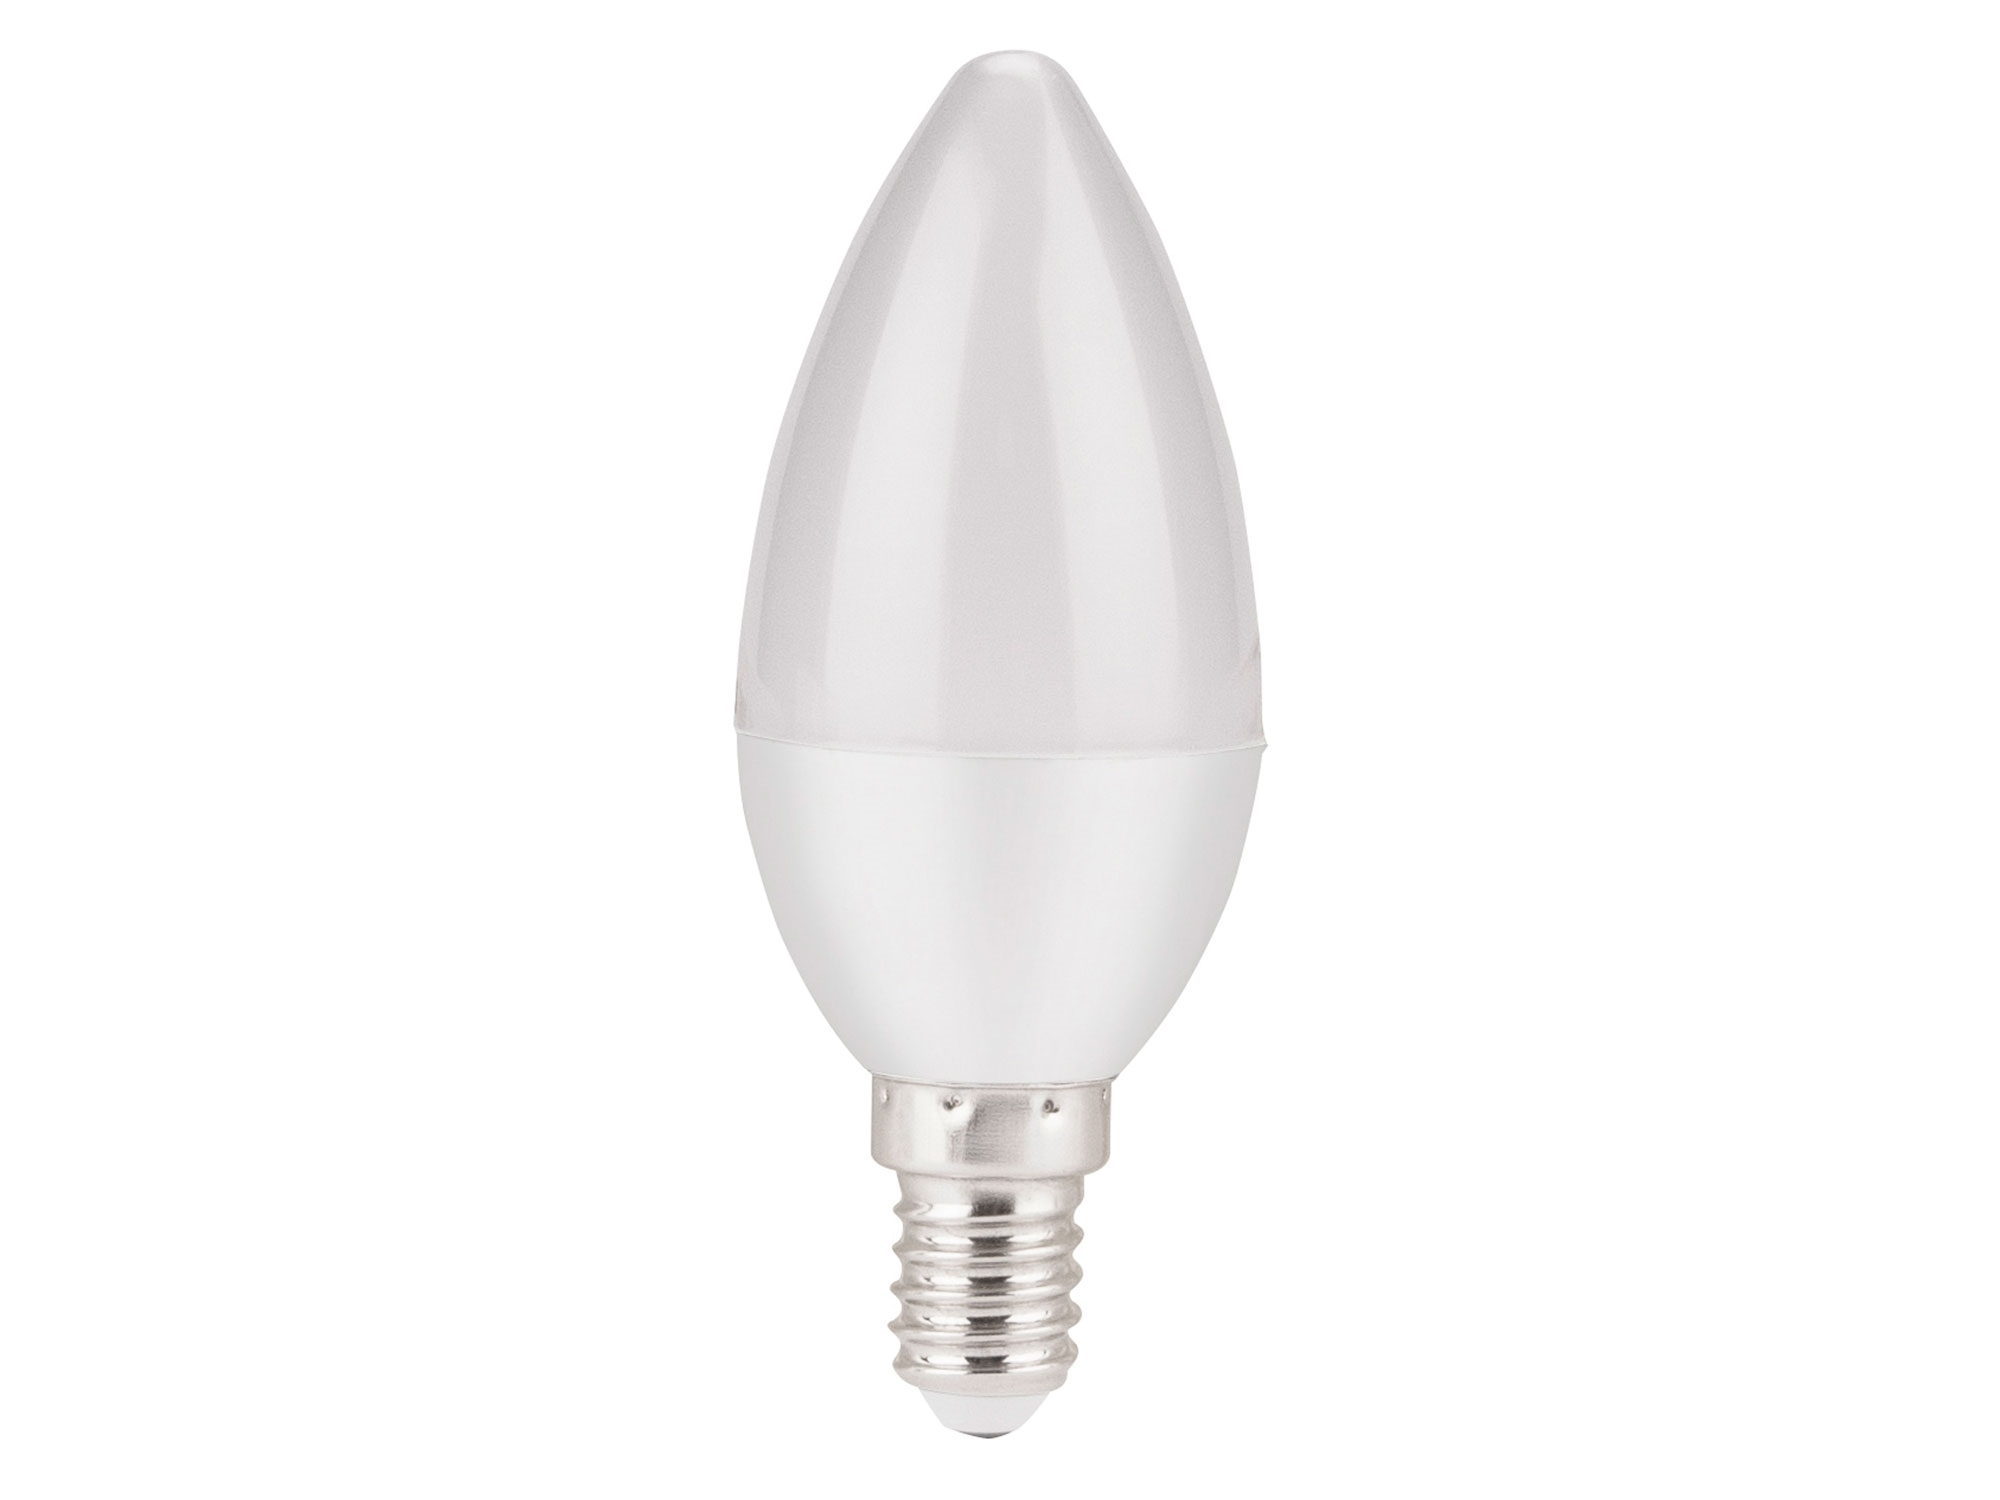 žárovka LED svíčka, 5W, 440lm, E14, denní bílá